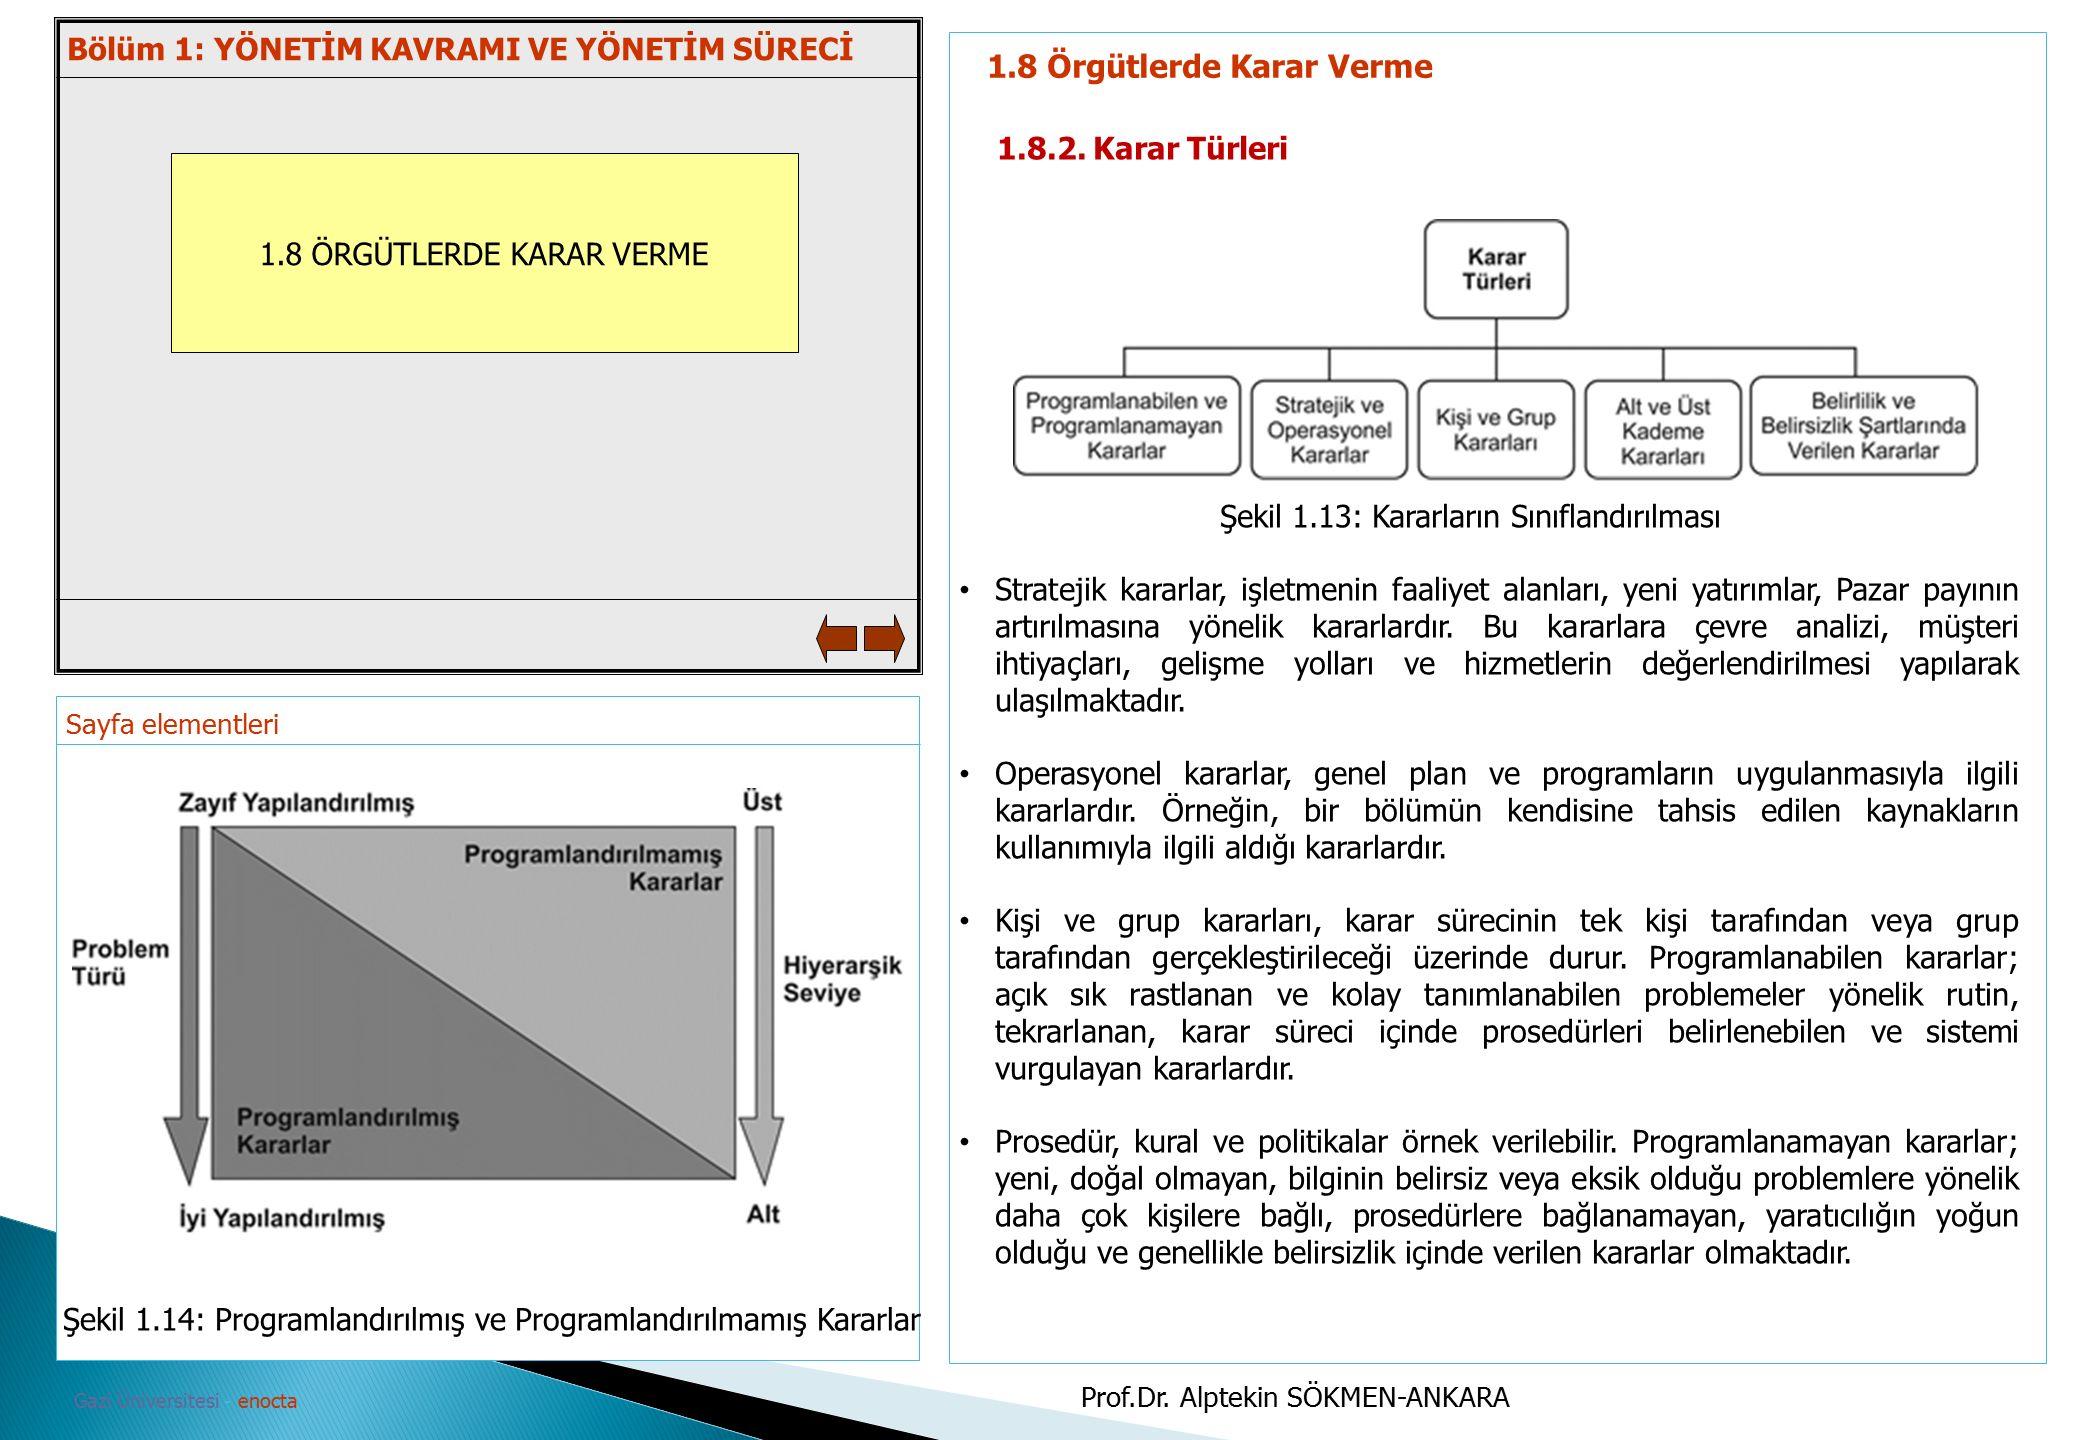 Sayfa elementleri Gazi Üniversitesi - enocta 1.8 ÖRGÜTLERDE KARAR VERME 1.8 Örgütlerde Karar Verme 1.8.2. Karar Türleri Şekil 1.13: Kararların Sınıfla